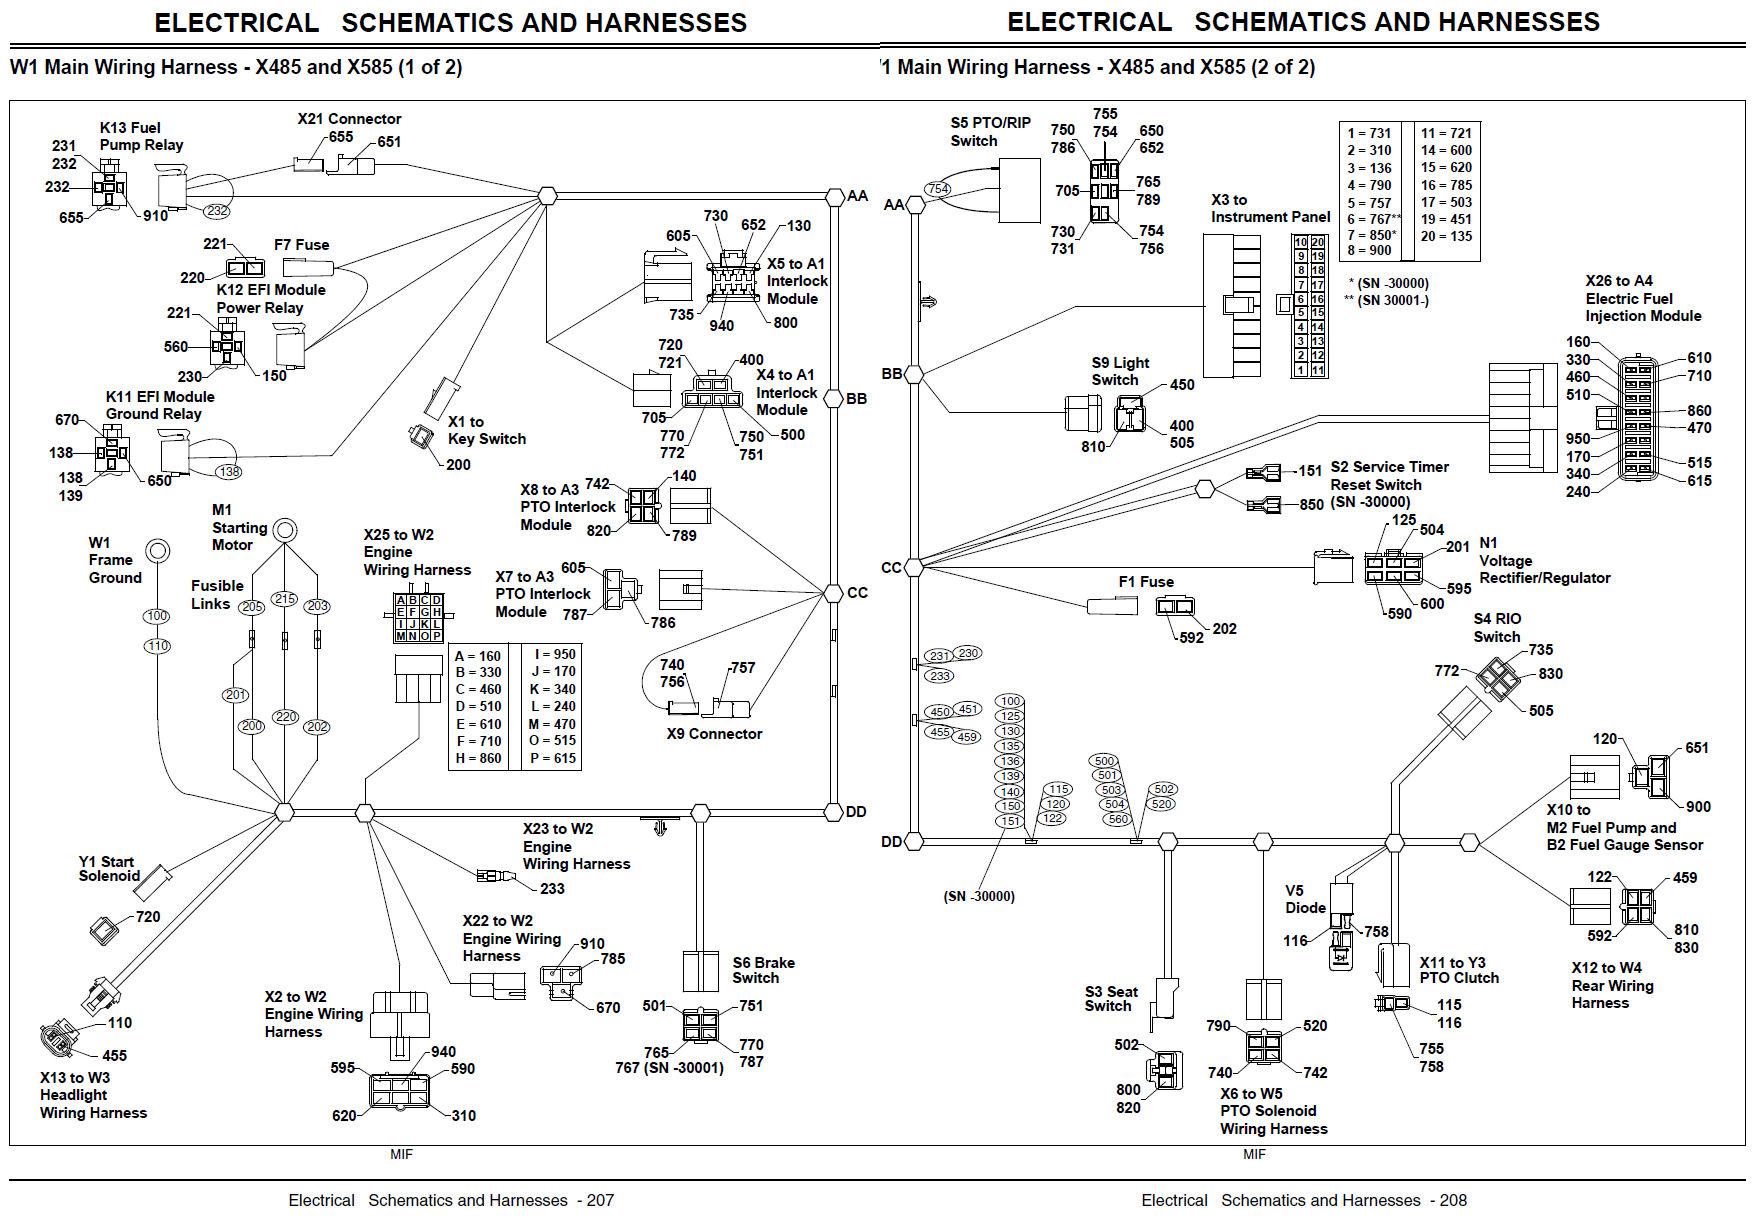 Help john deere x585 | Page 2 | My Tractor Forum John Deere X Wiring Diagram on x465 john deere wiring diagram, lt160 john deere wiring diagram, f510 john deere wiring diagram, lt155 john deere wiring diagram, sx75 john deere wiring diagram, f525 john deere wiring diagram, lx277 john deere wiring diagram, l130 john deere wiring diagram, x485 john deere wiring diagram, z425 john deere wiring diagram, g110 john deere wiring diagram, stx38 john deere wiring diagram, z225 john deere wiring diagram, lx178 john deere wiring diagram, sst15 john deere wiring diagram, srx75 john deere wiring diagram,